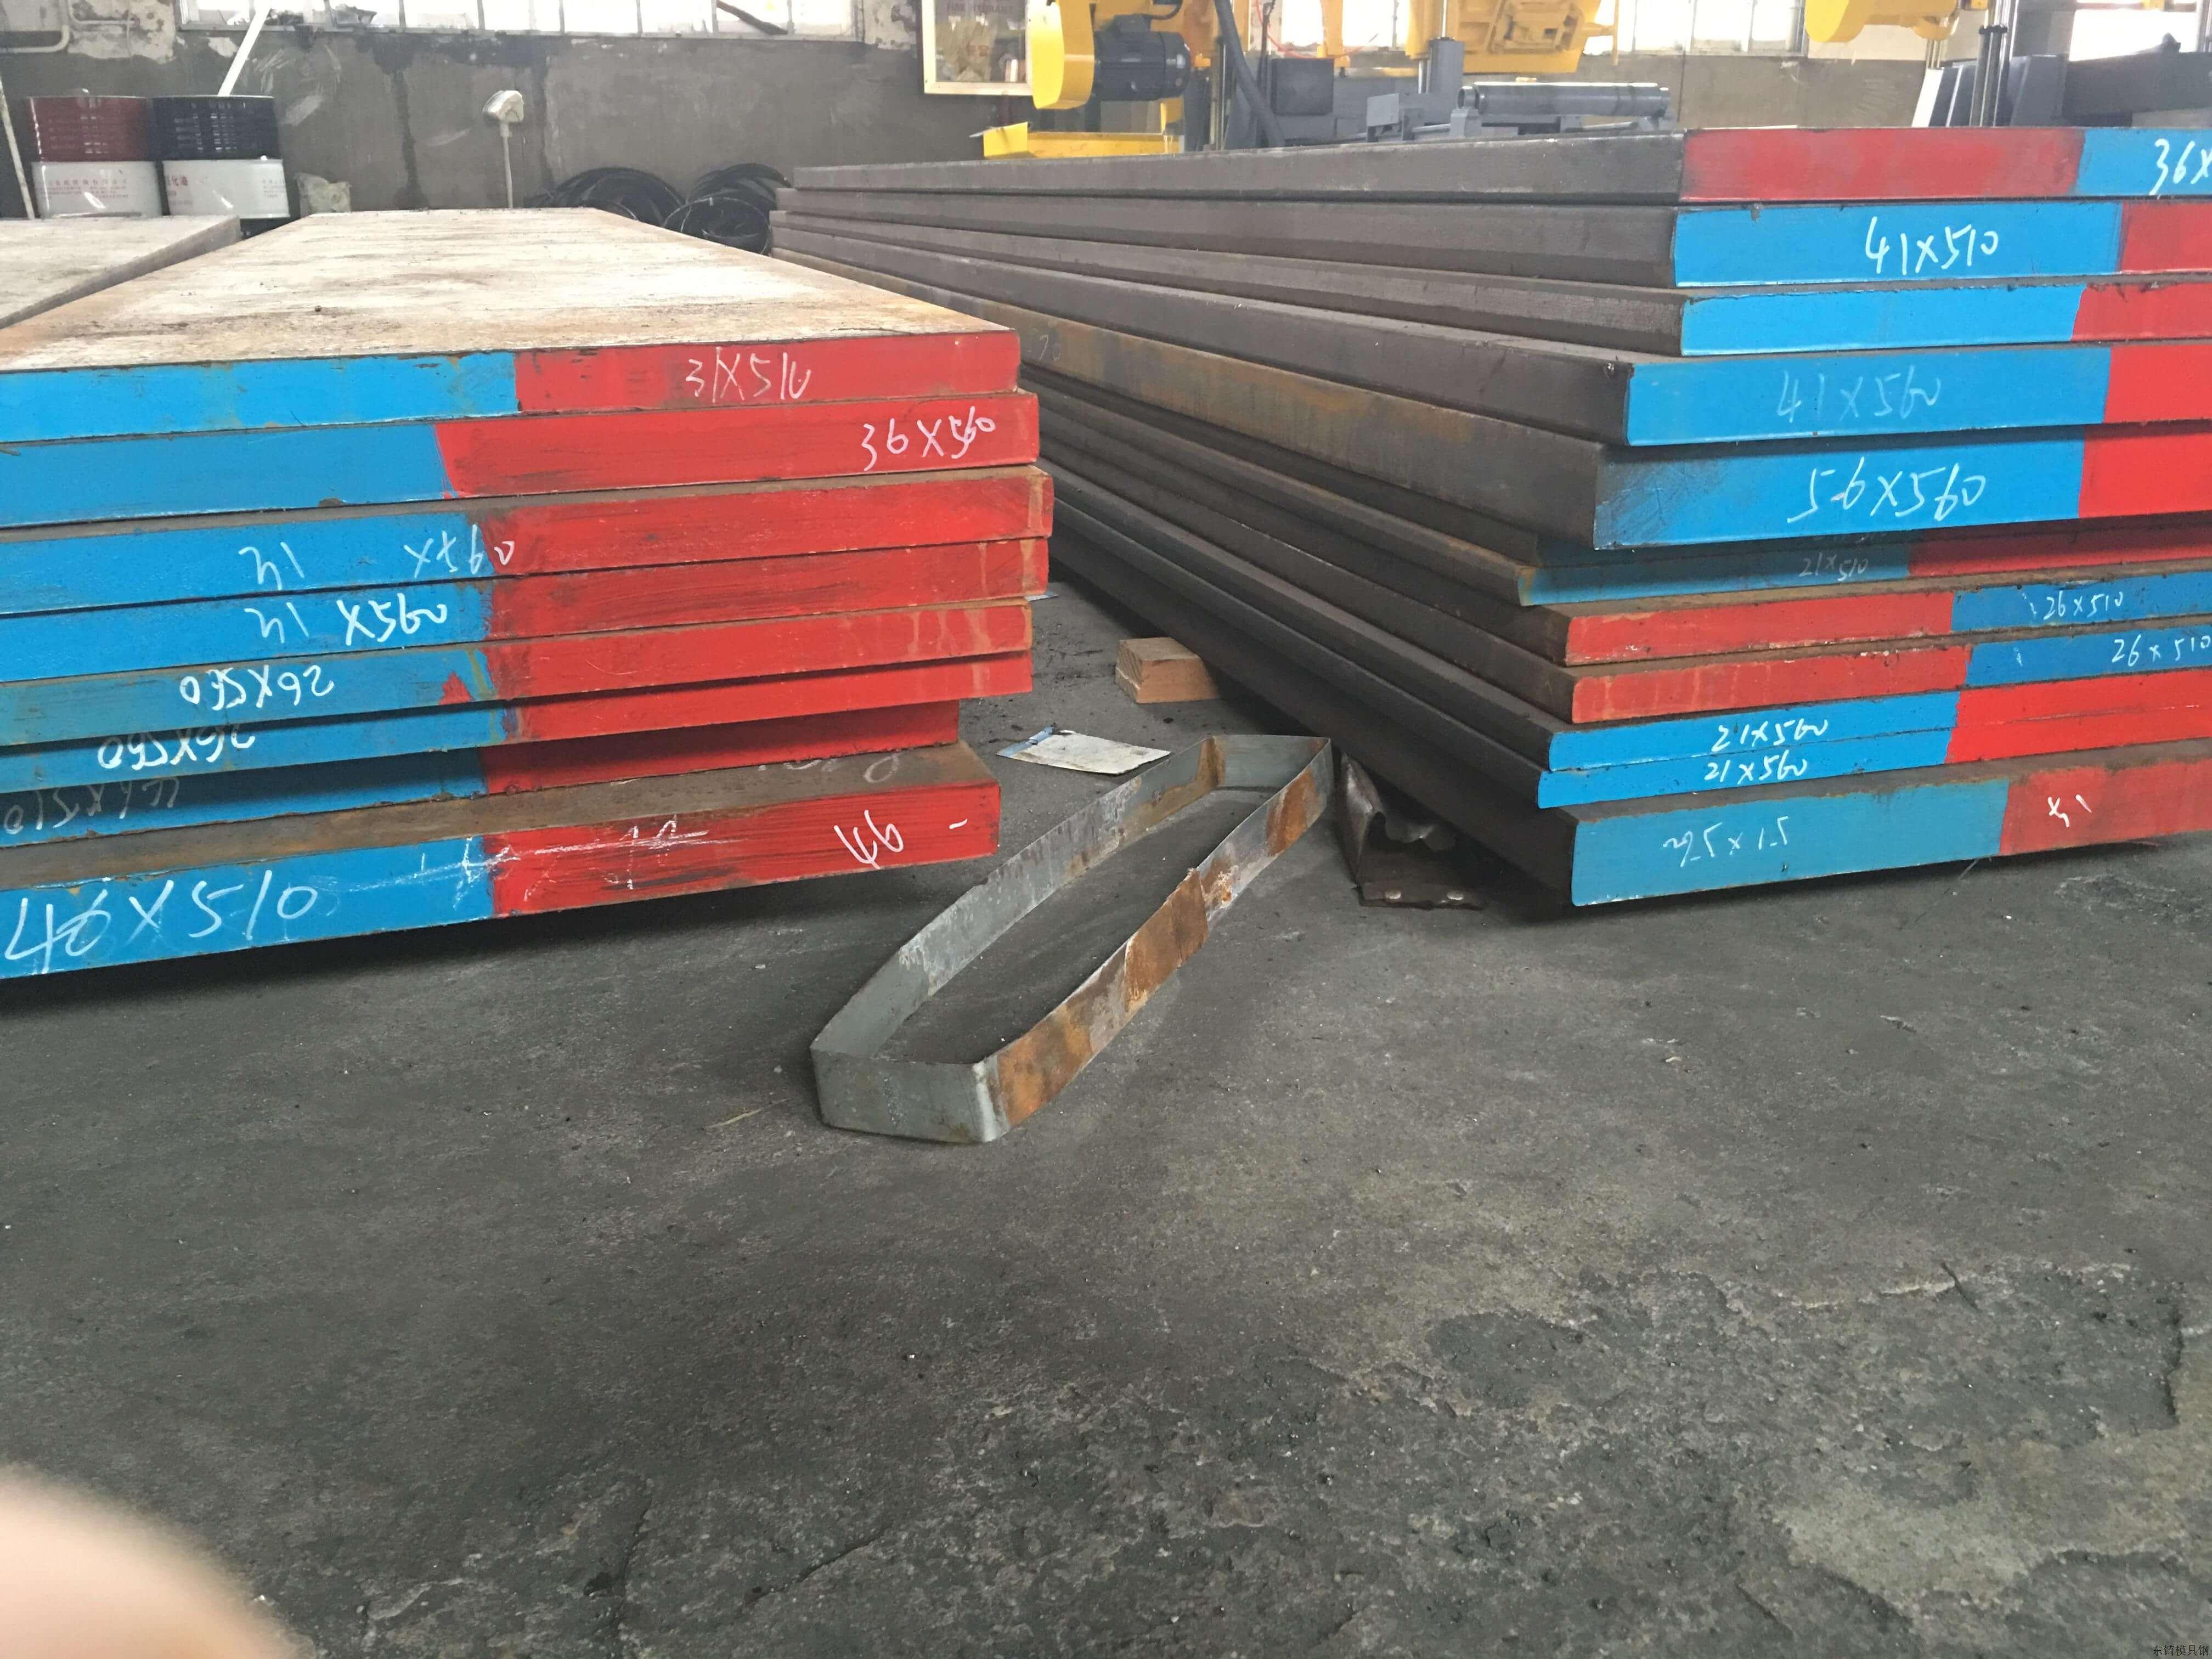 热作模具钢的工作条件有哪些?看完本篇文章你就清楚了